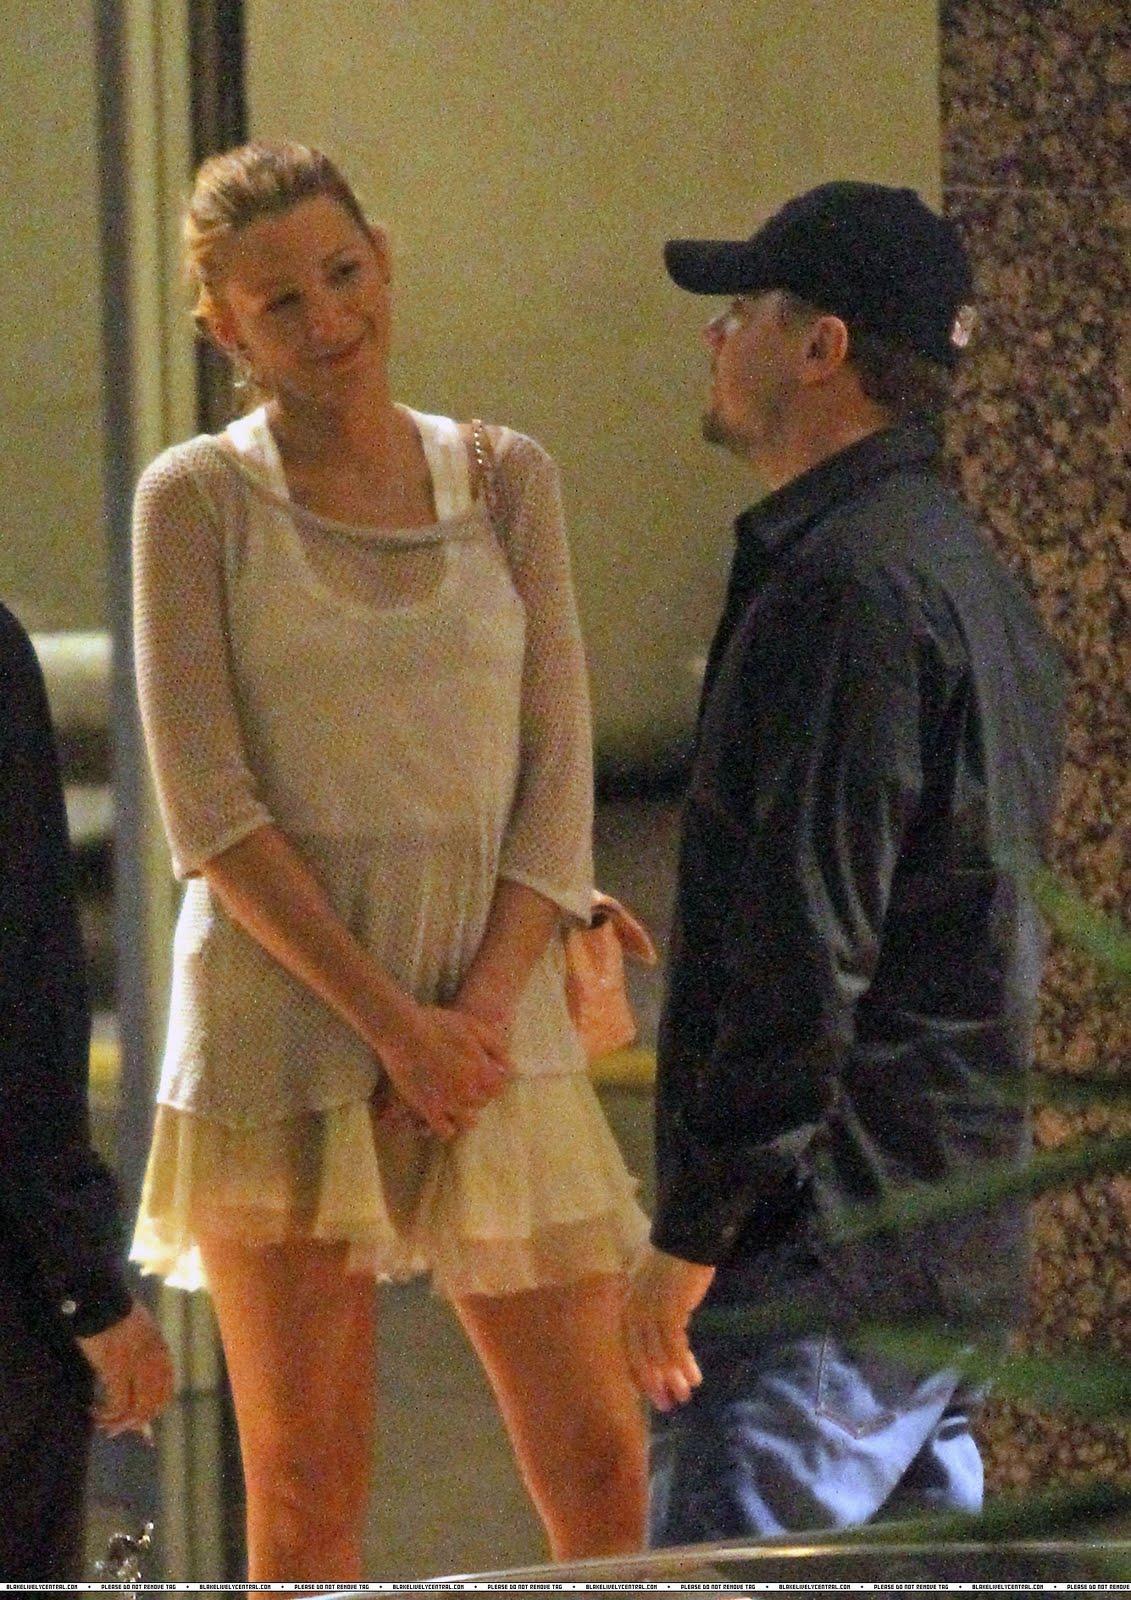 Gossip Freak Blake Lively Leonardo Dicaprio Hold Hands On Moonlit Stroll